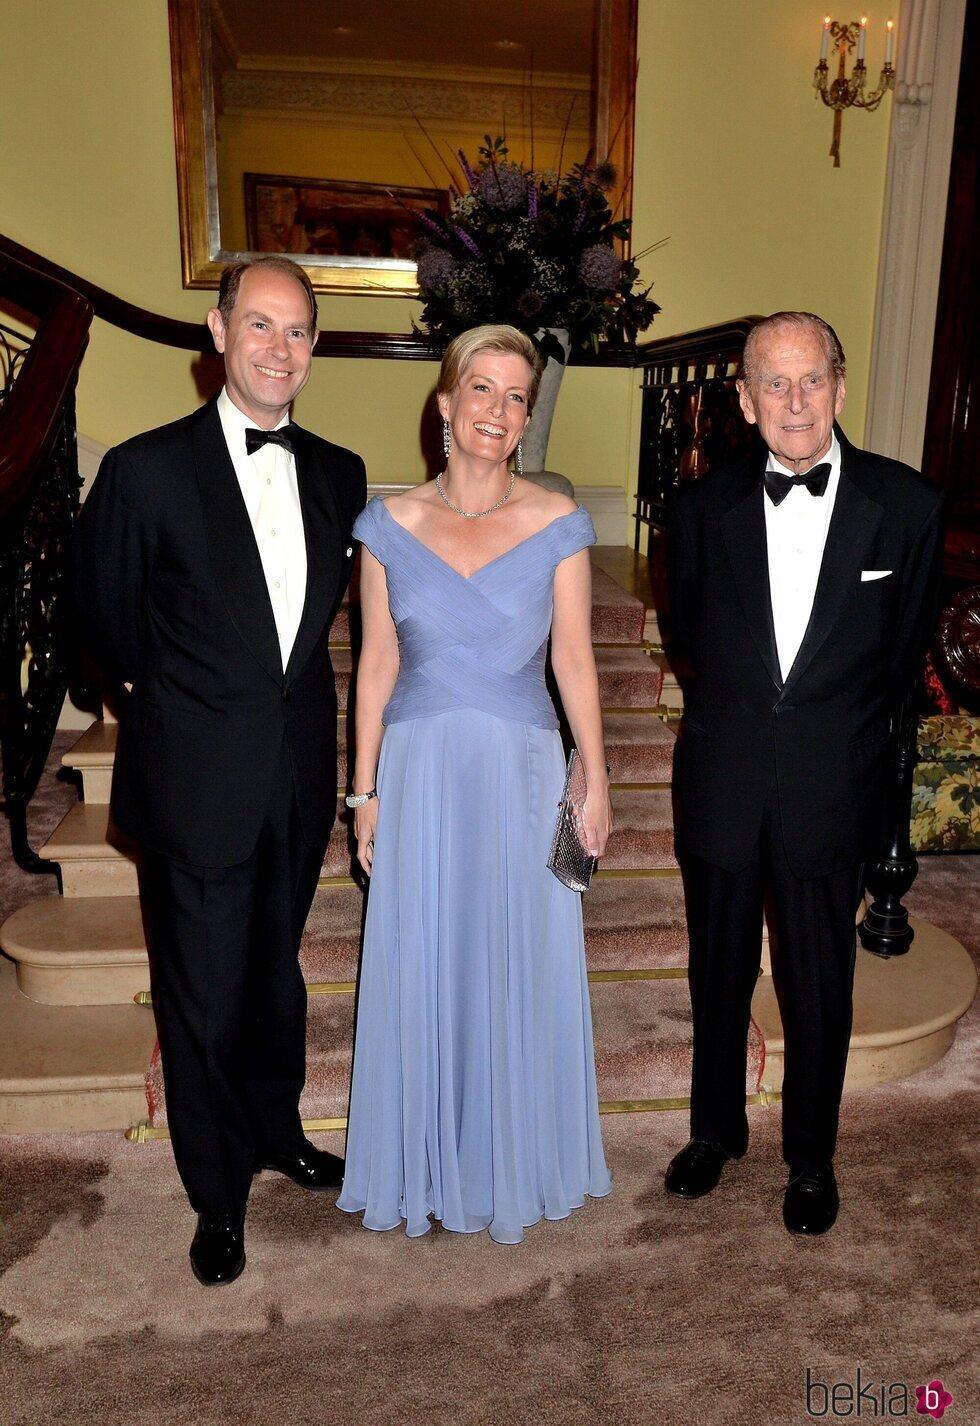 El Duque de Edimburgo con el Príncipe Eduardo y Sophie Rhys-Jones en el 60 aniversario del Premio Duque de Edimburgo